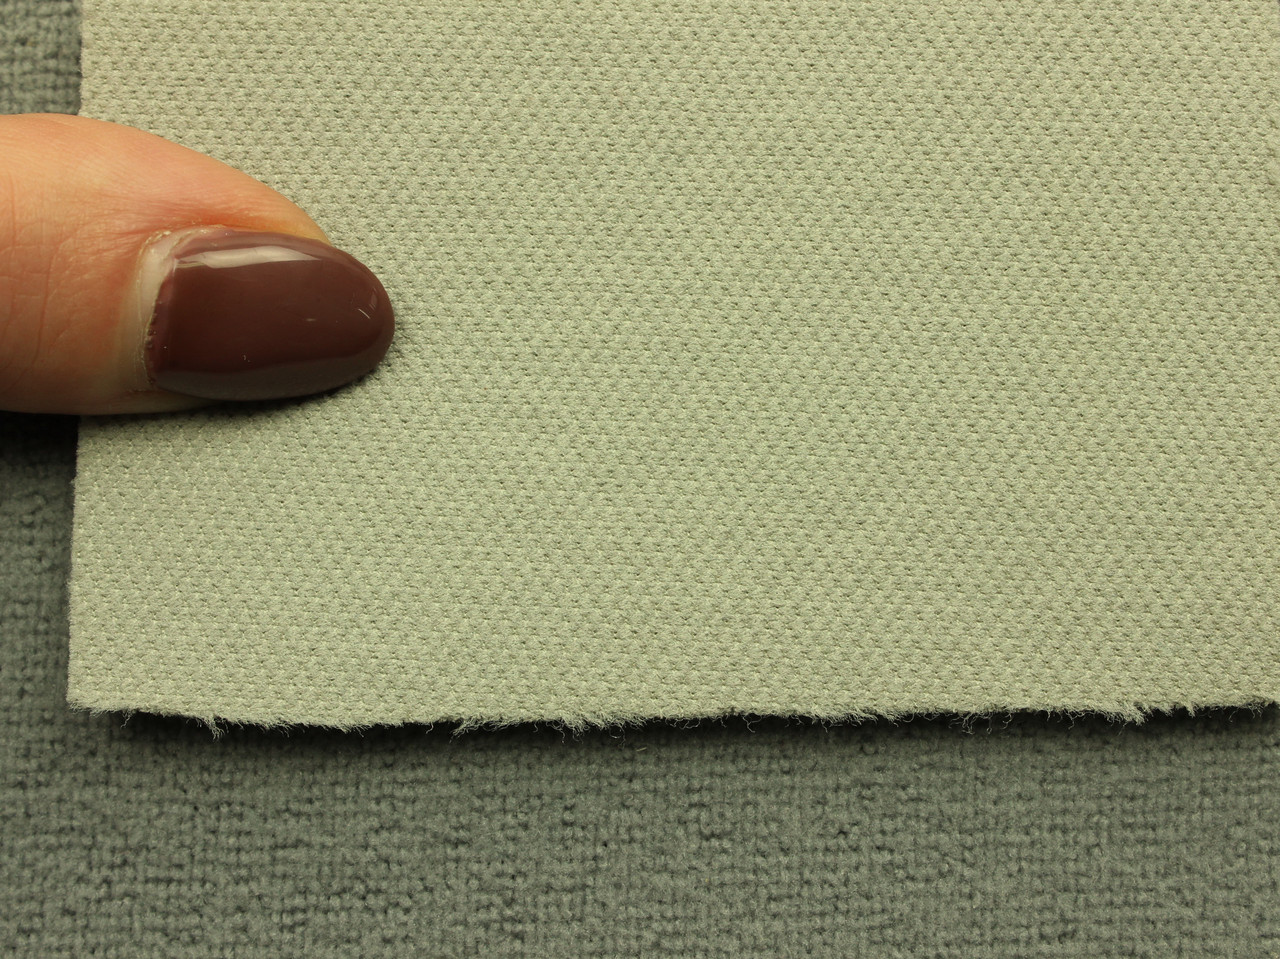 Автоткань оригинальная потолочная, цвет светло-серый, на поролоне (сетка) (Германия)